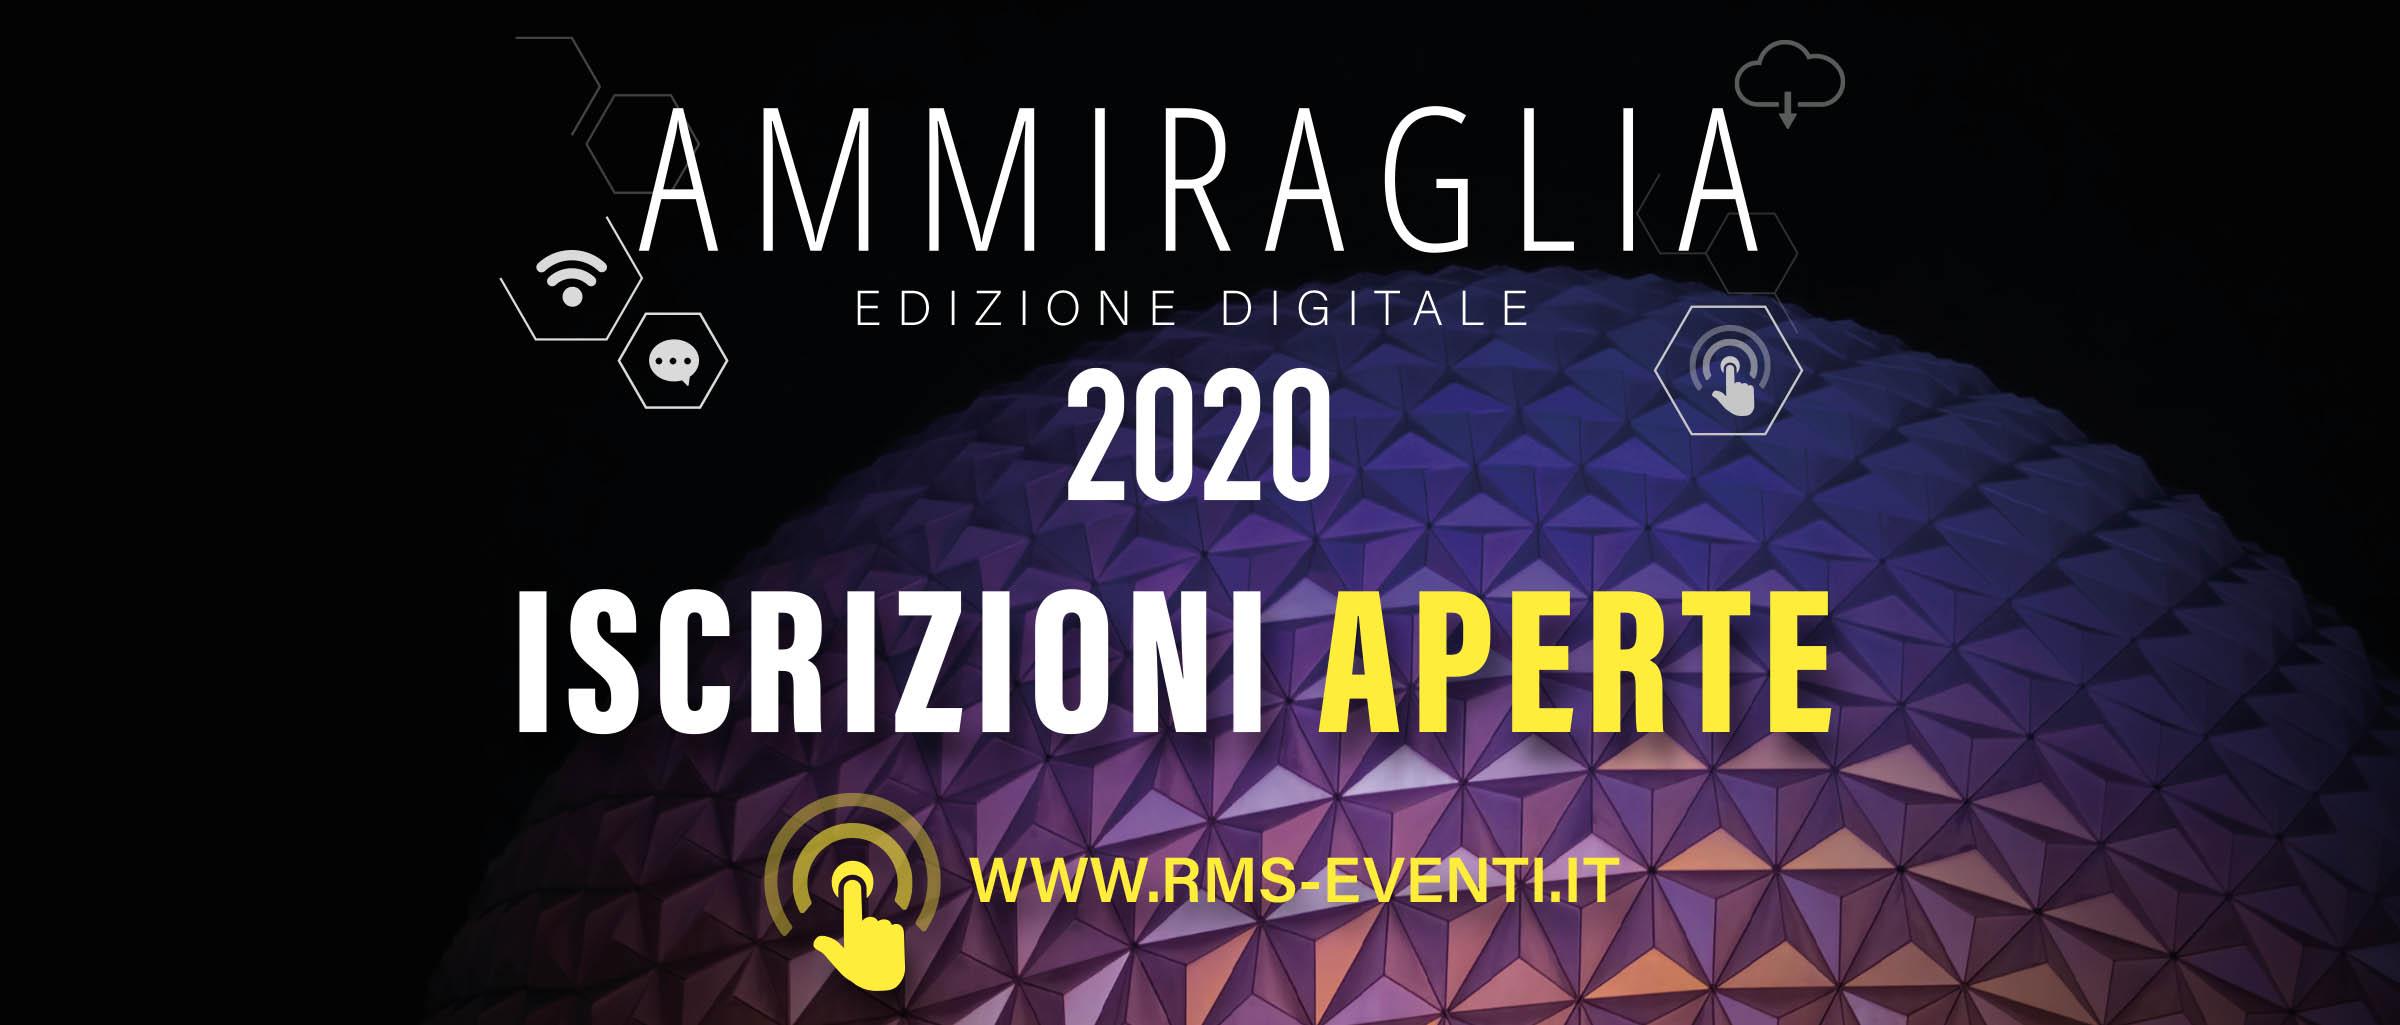 AMMIRAGLIA 2020